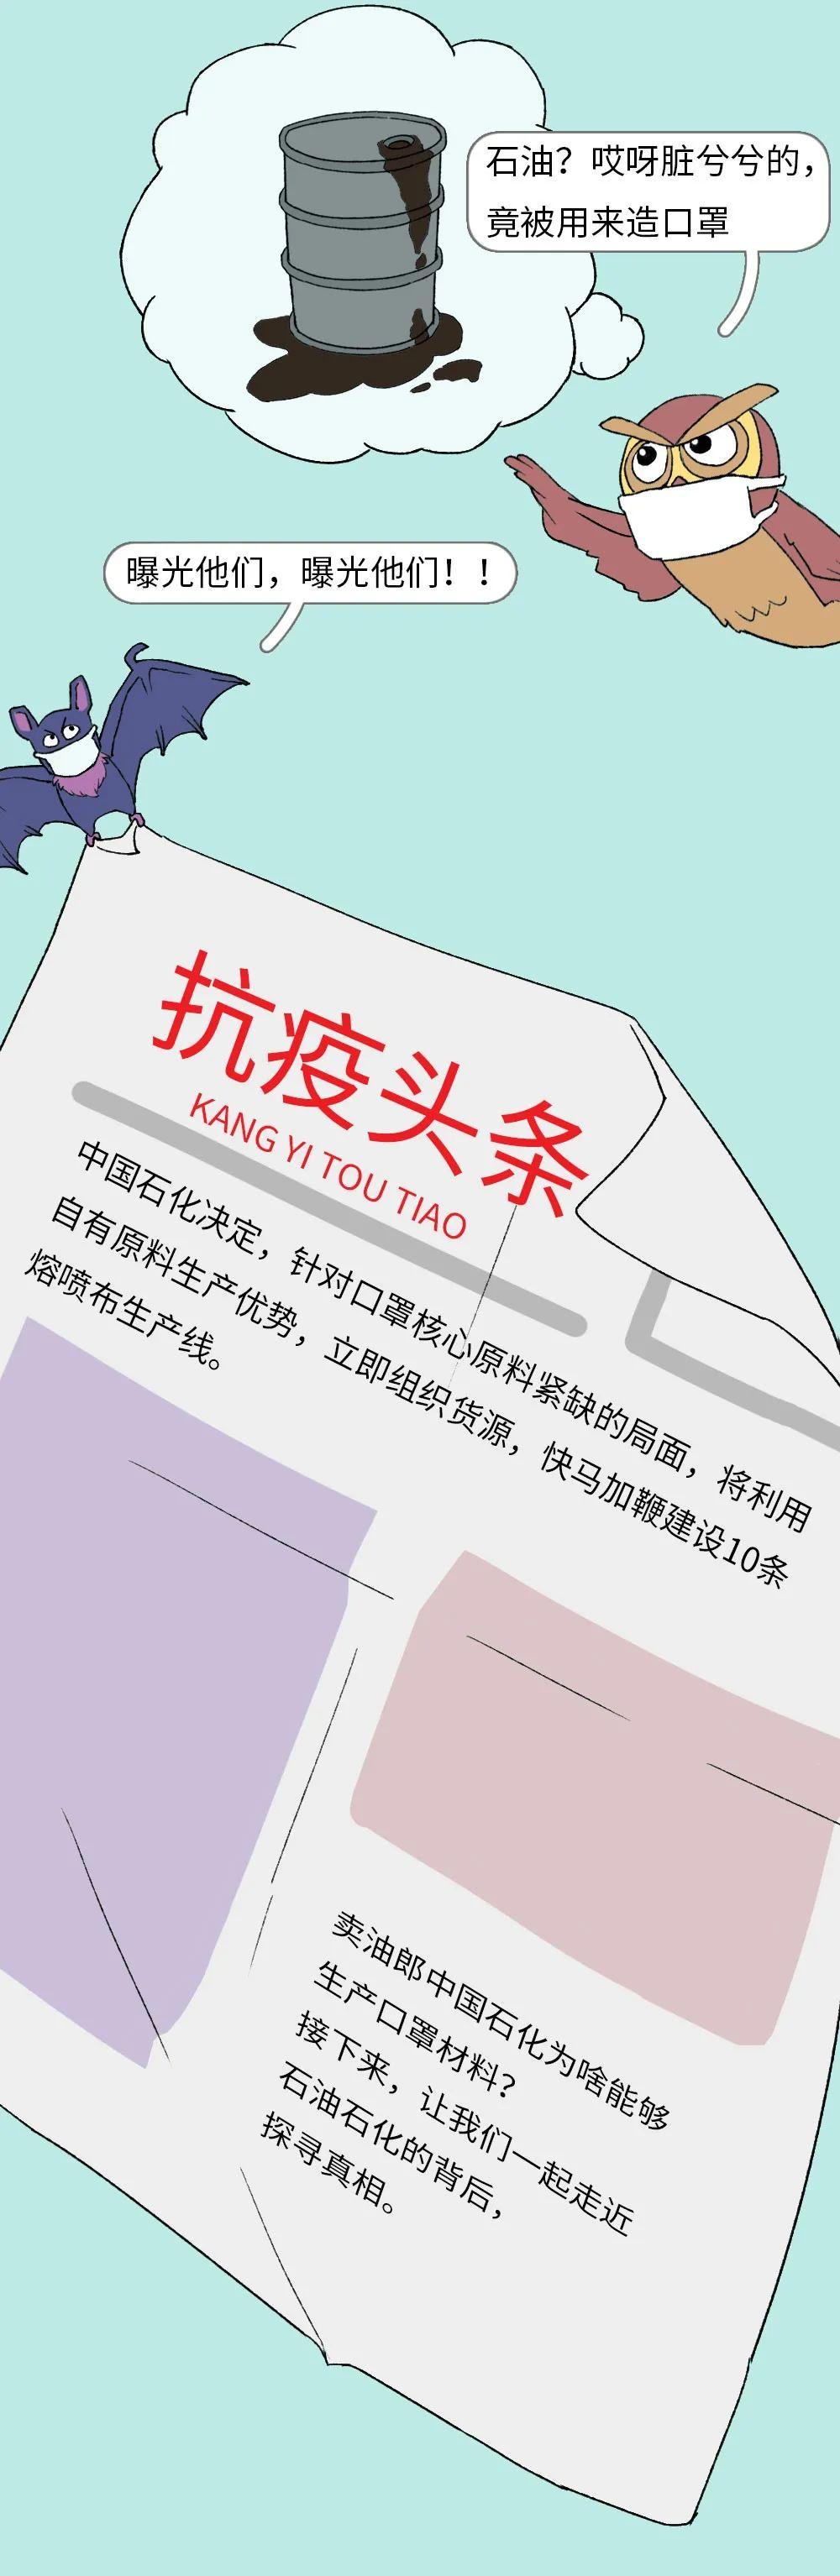 外地能买重庆时时彩吗